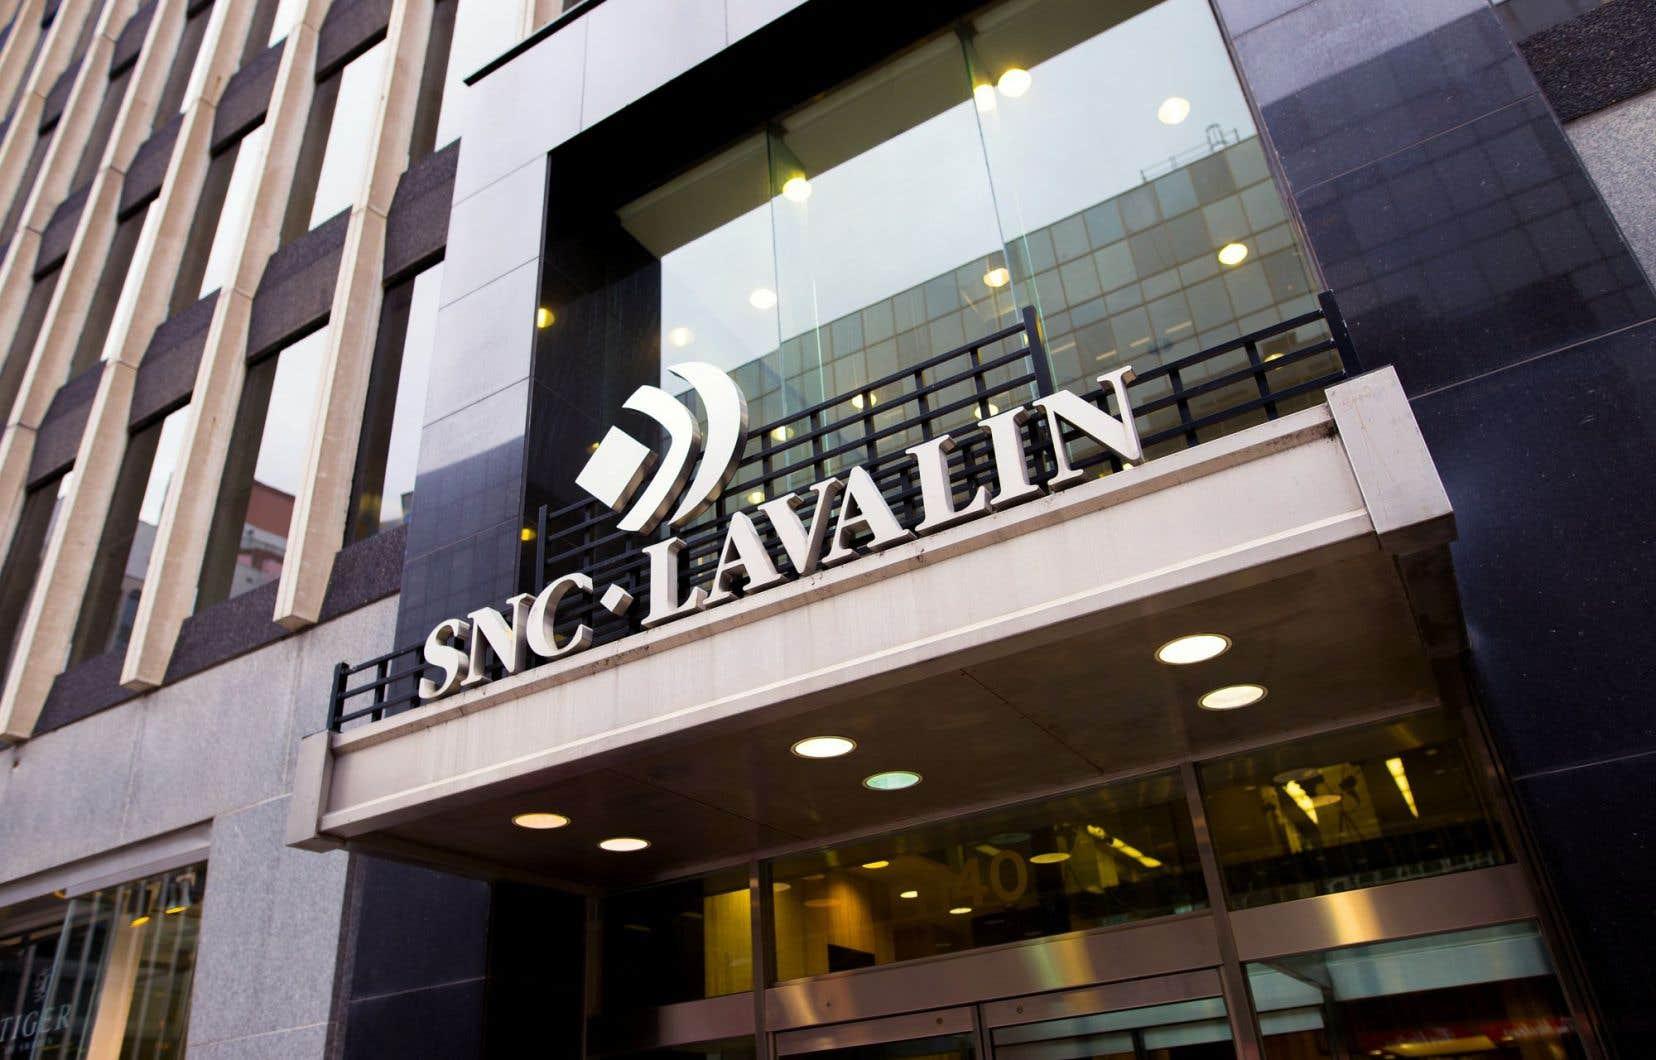 Pour les sept prochaines années, SNC-Lavalin devra maintenir son siège social et la prise de décisions stratégiques à Montréal.